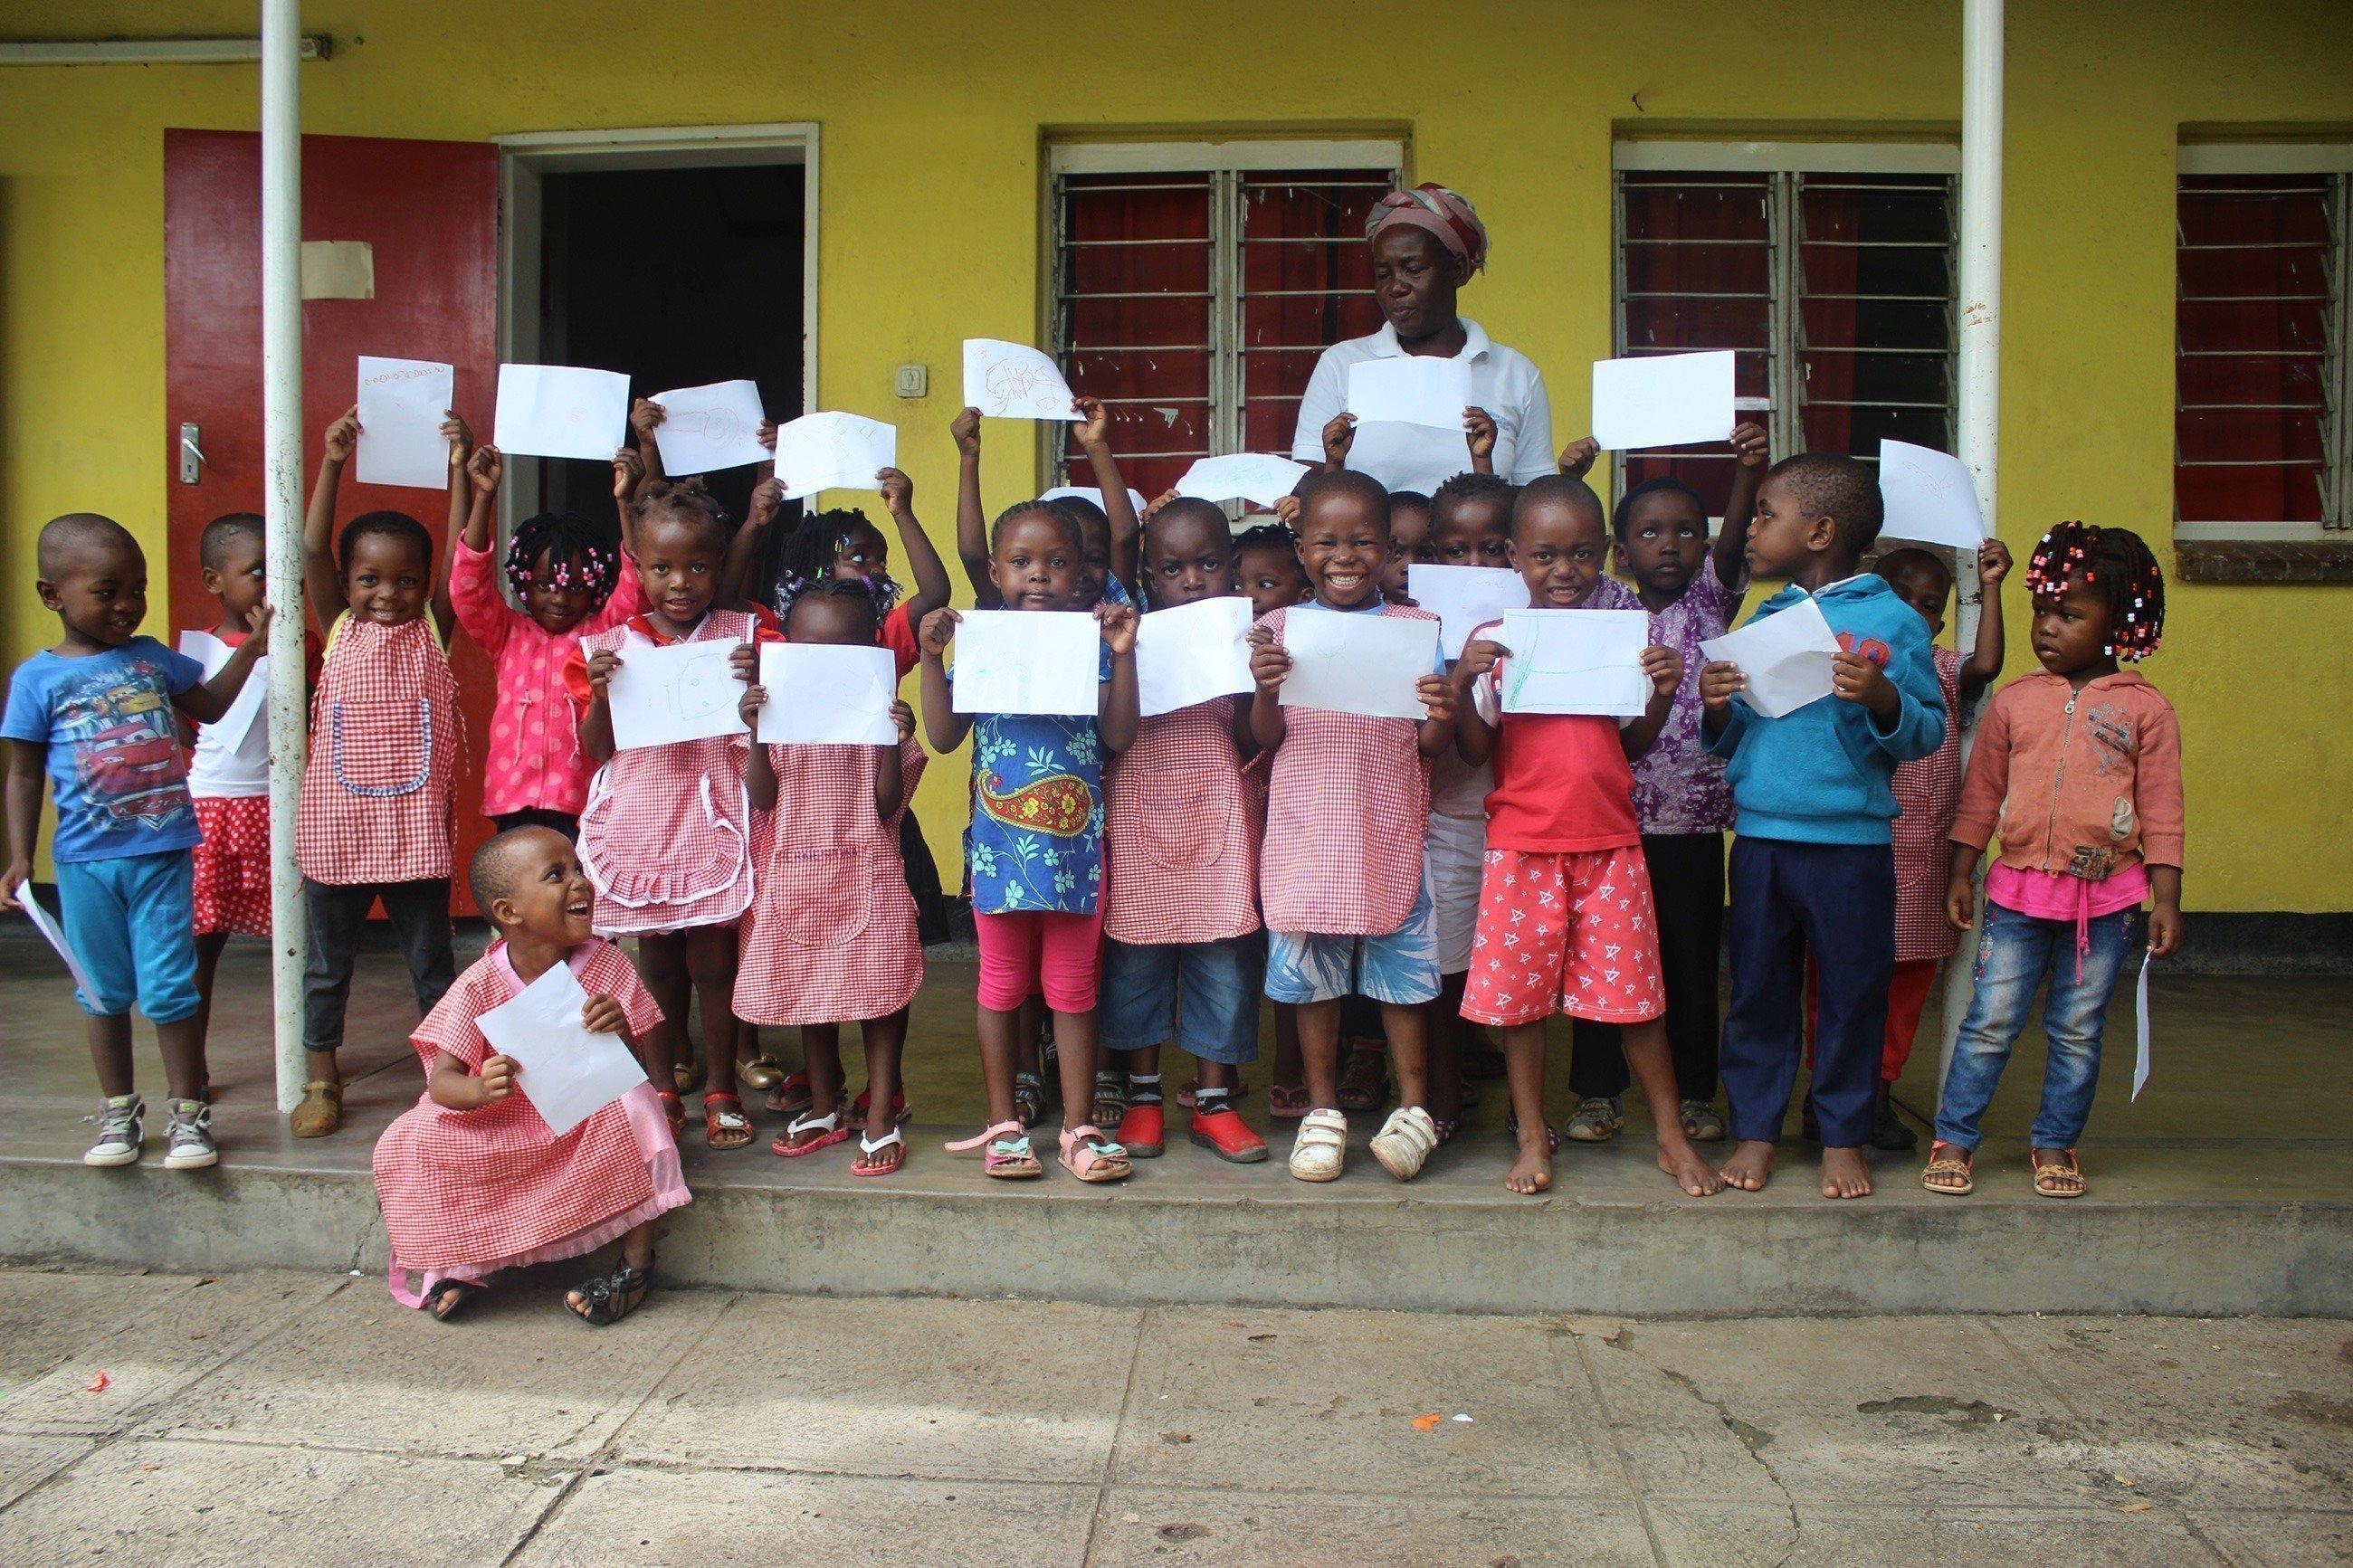 Un gruppo di bambini con dei disegni in mano di fronte a una casa.